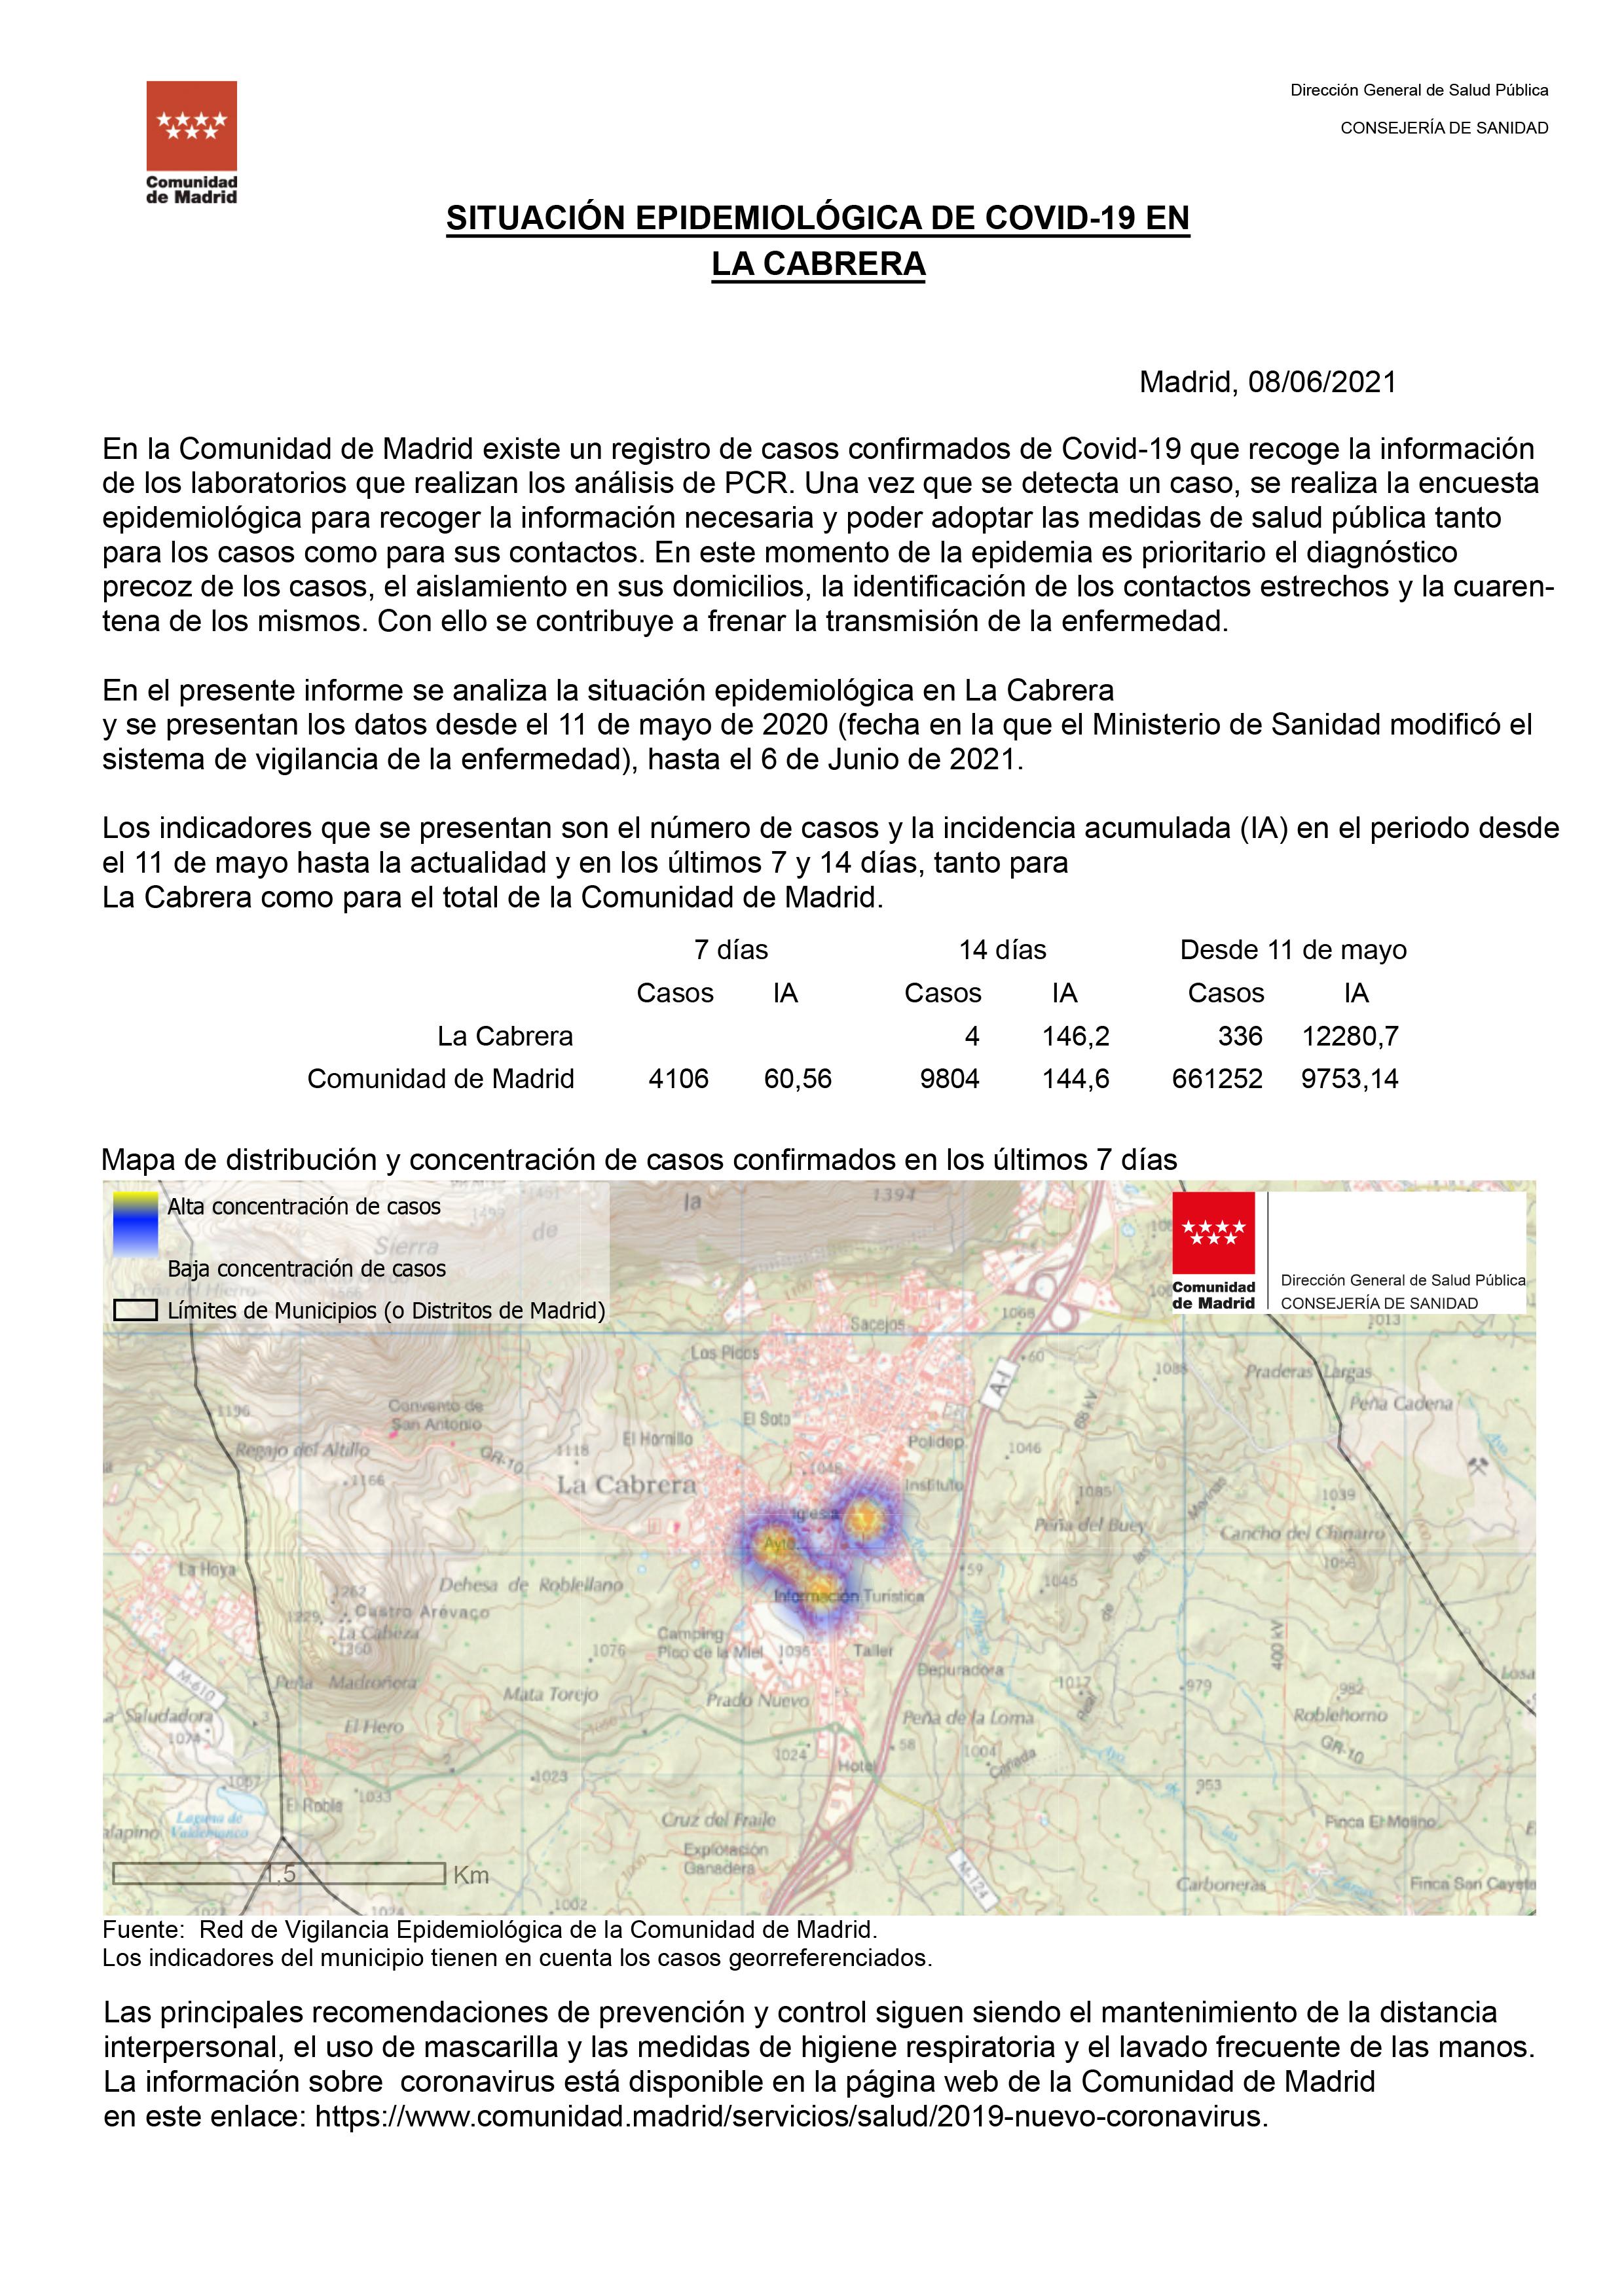 COVID19_ise_municipios__La Cabrera_08_06_21